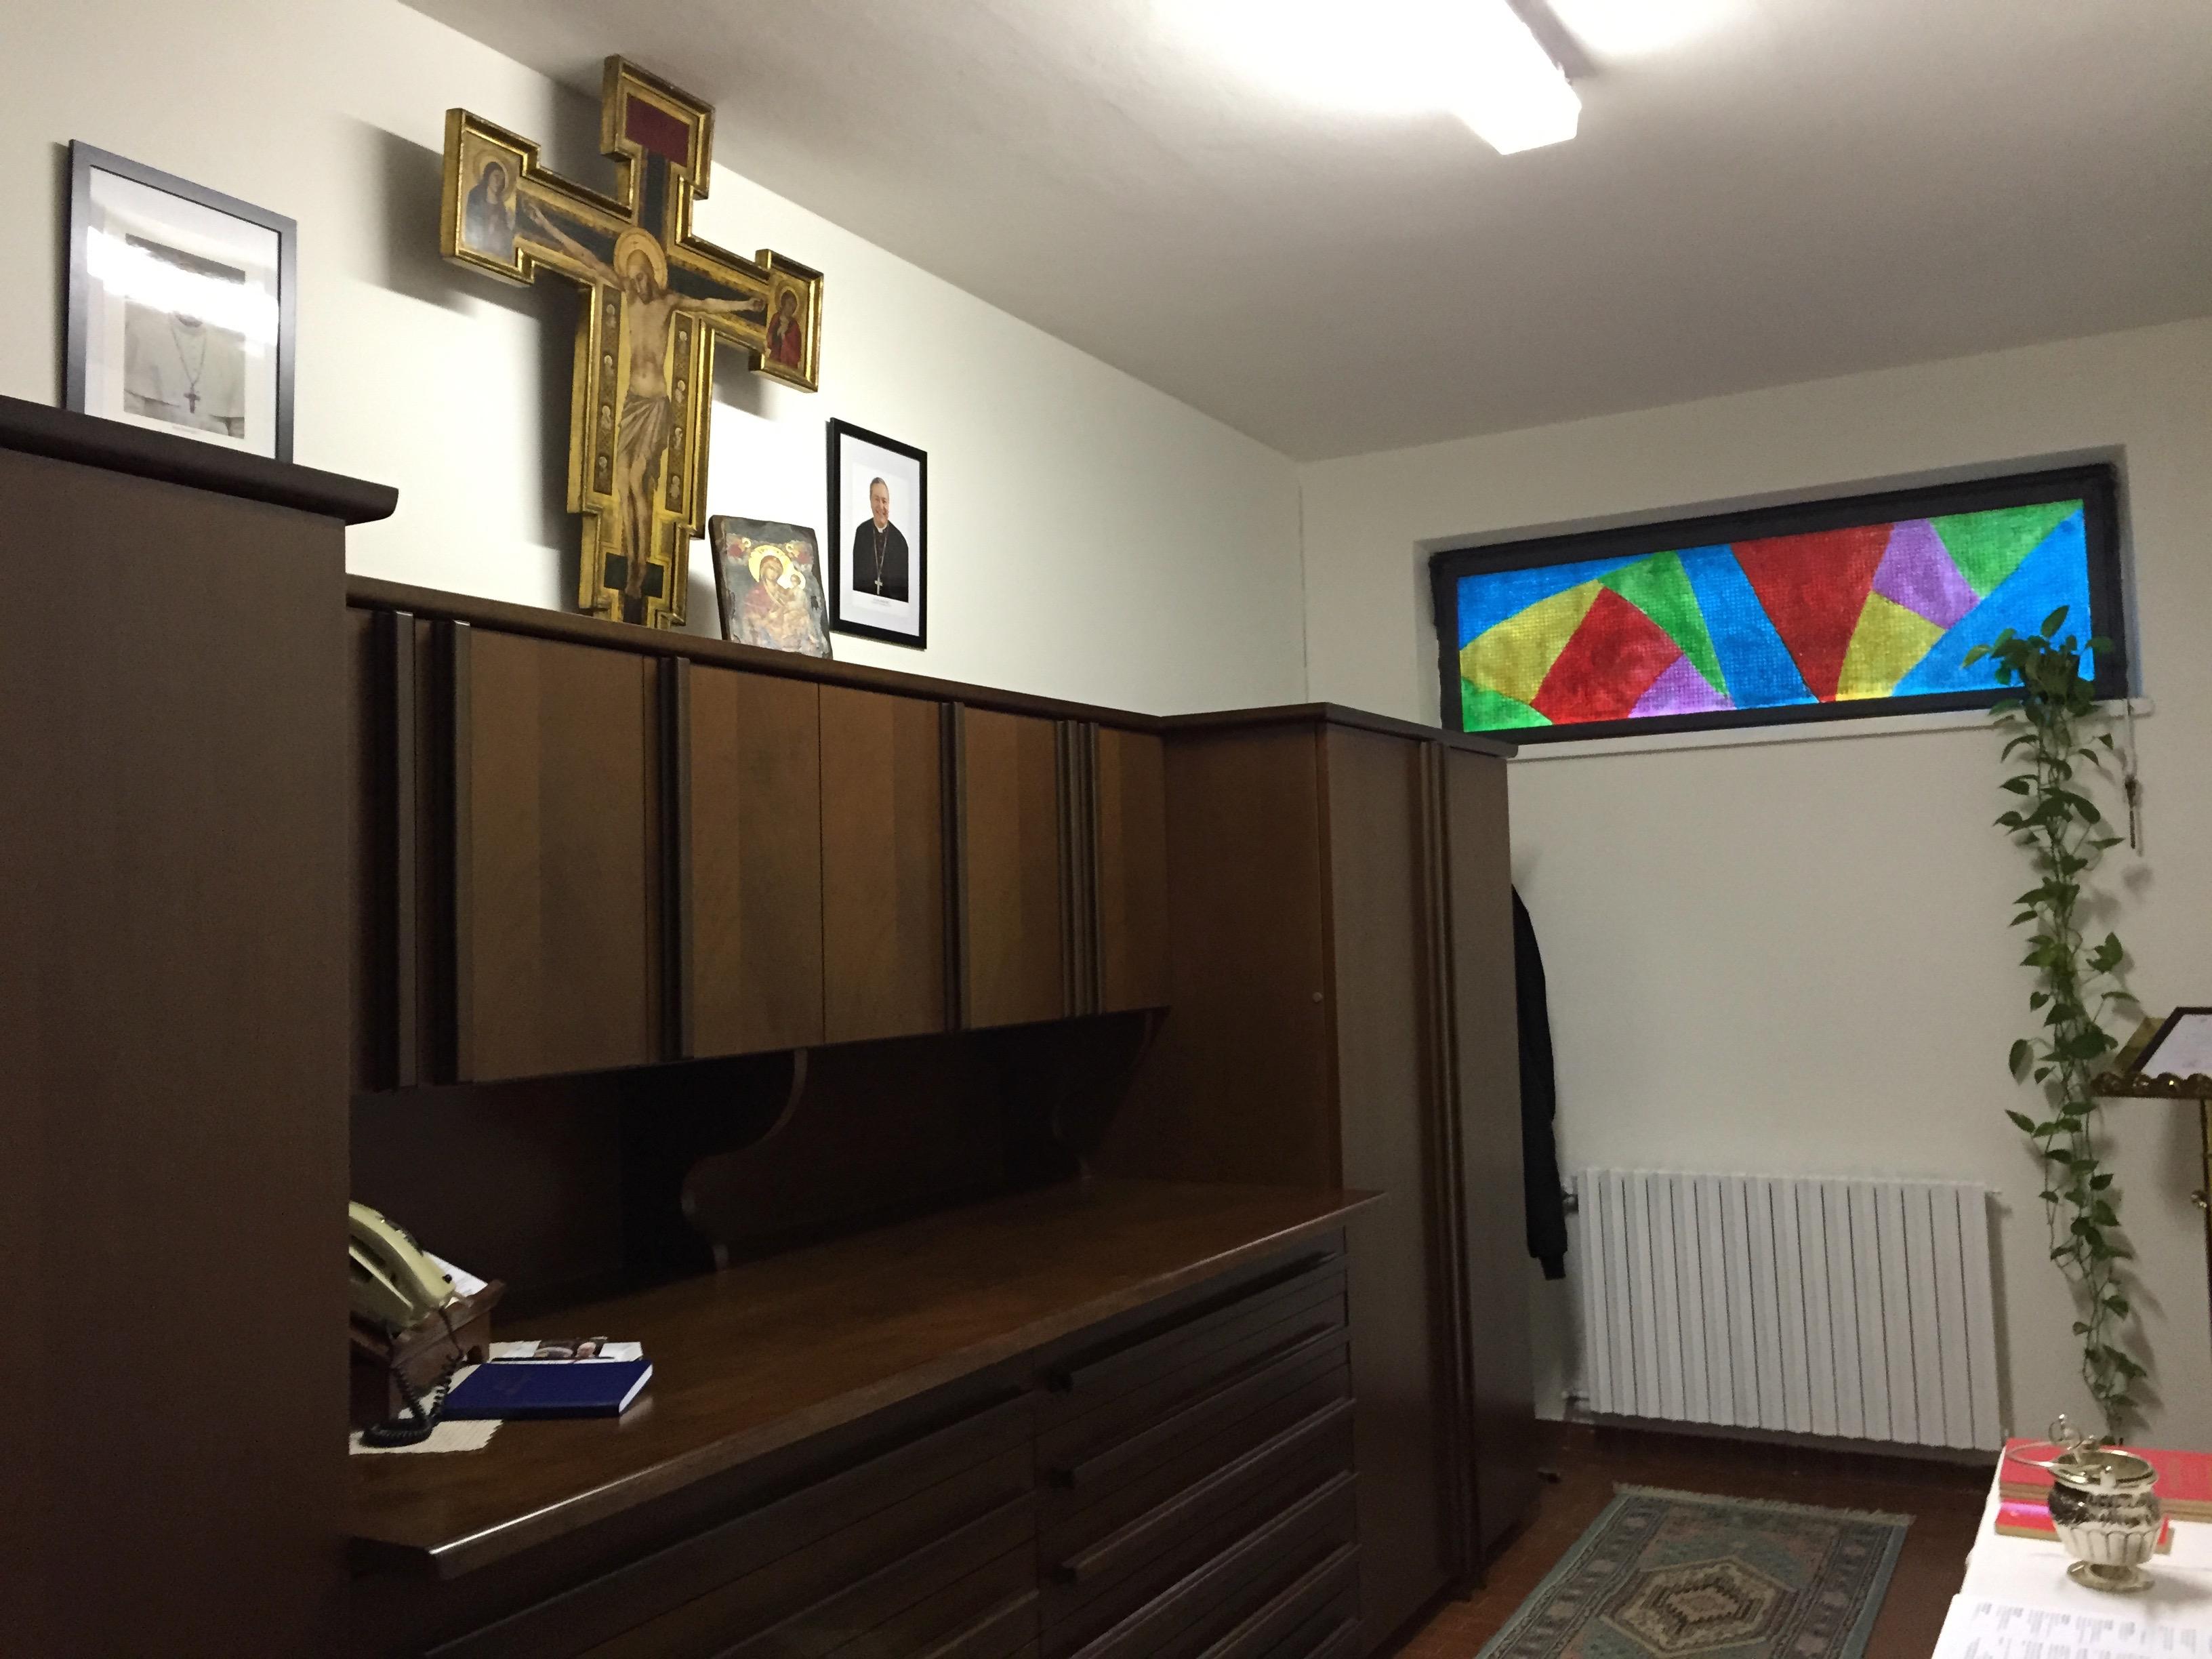 la Sacrestia rinnovata con vetratat a colori